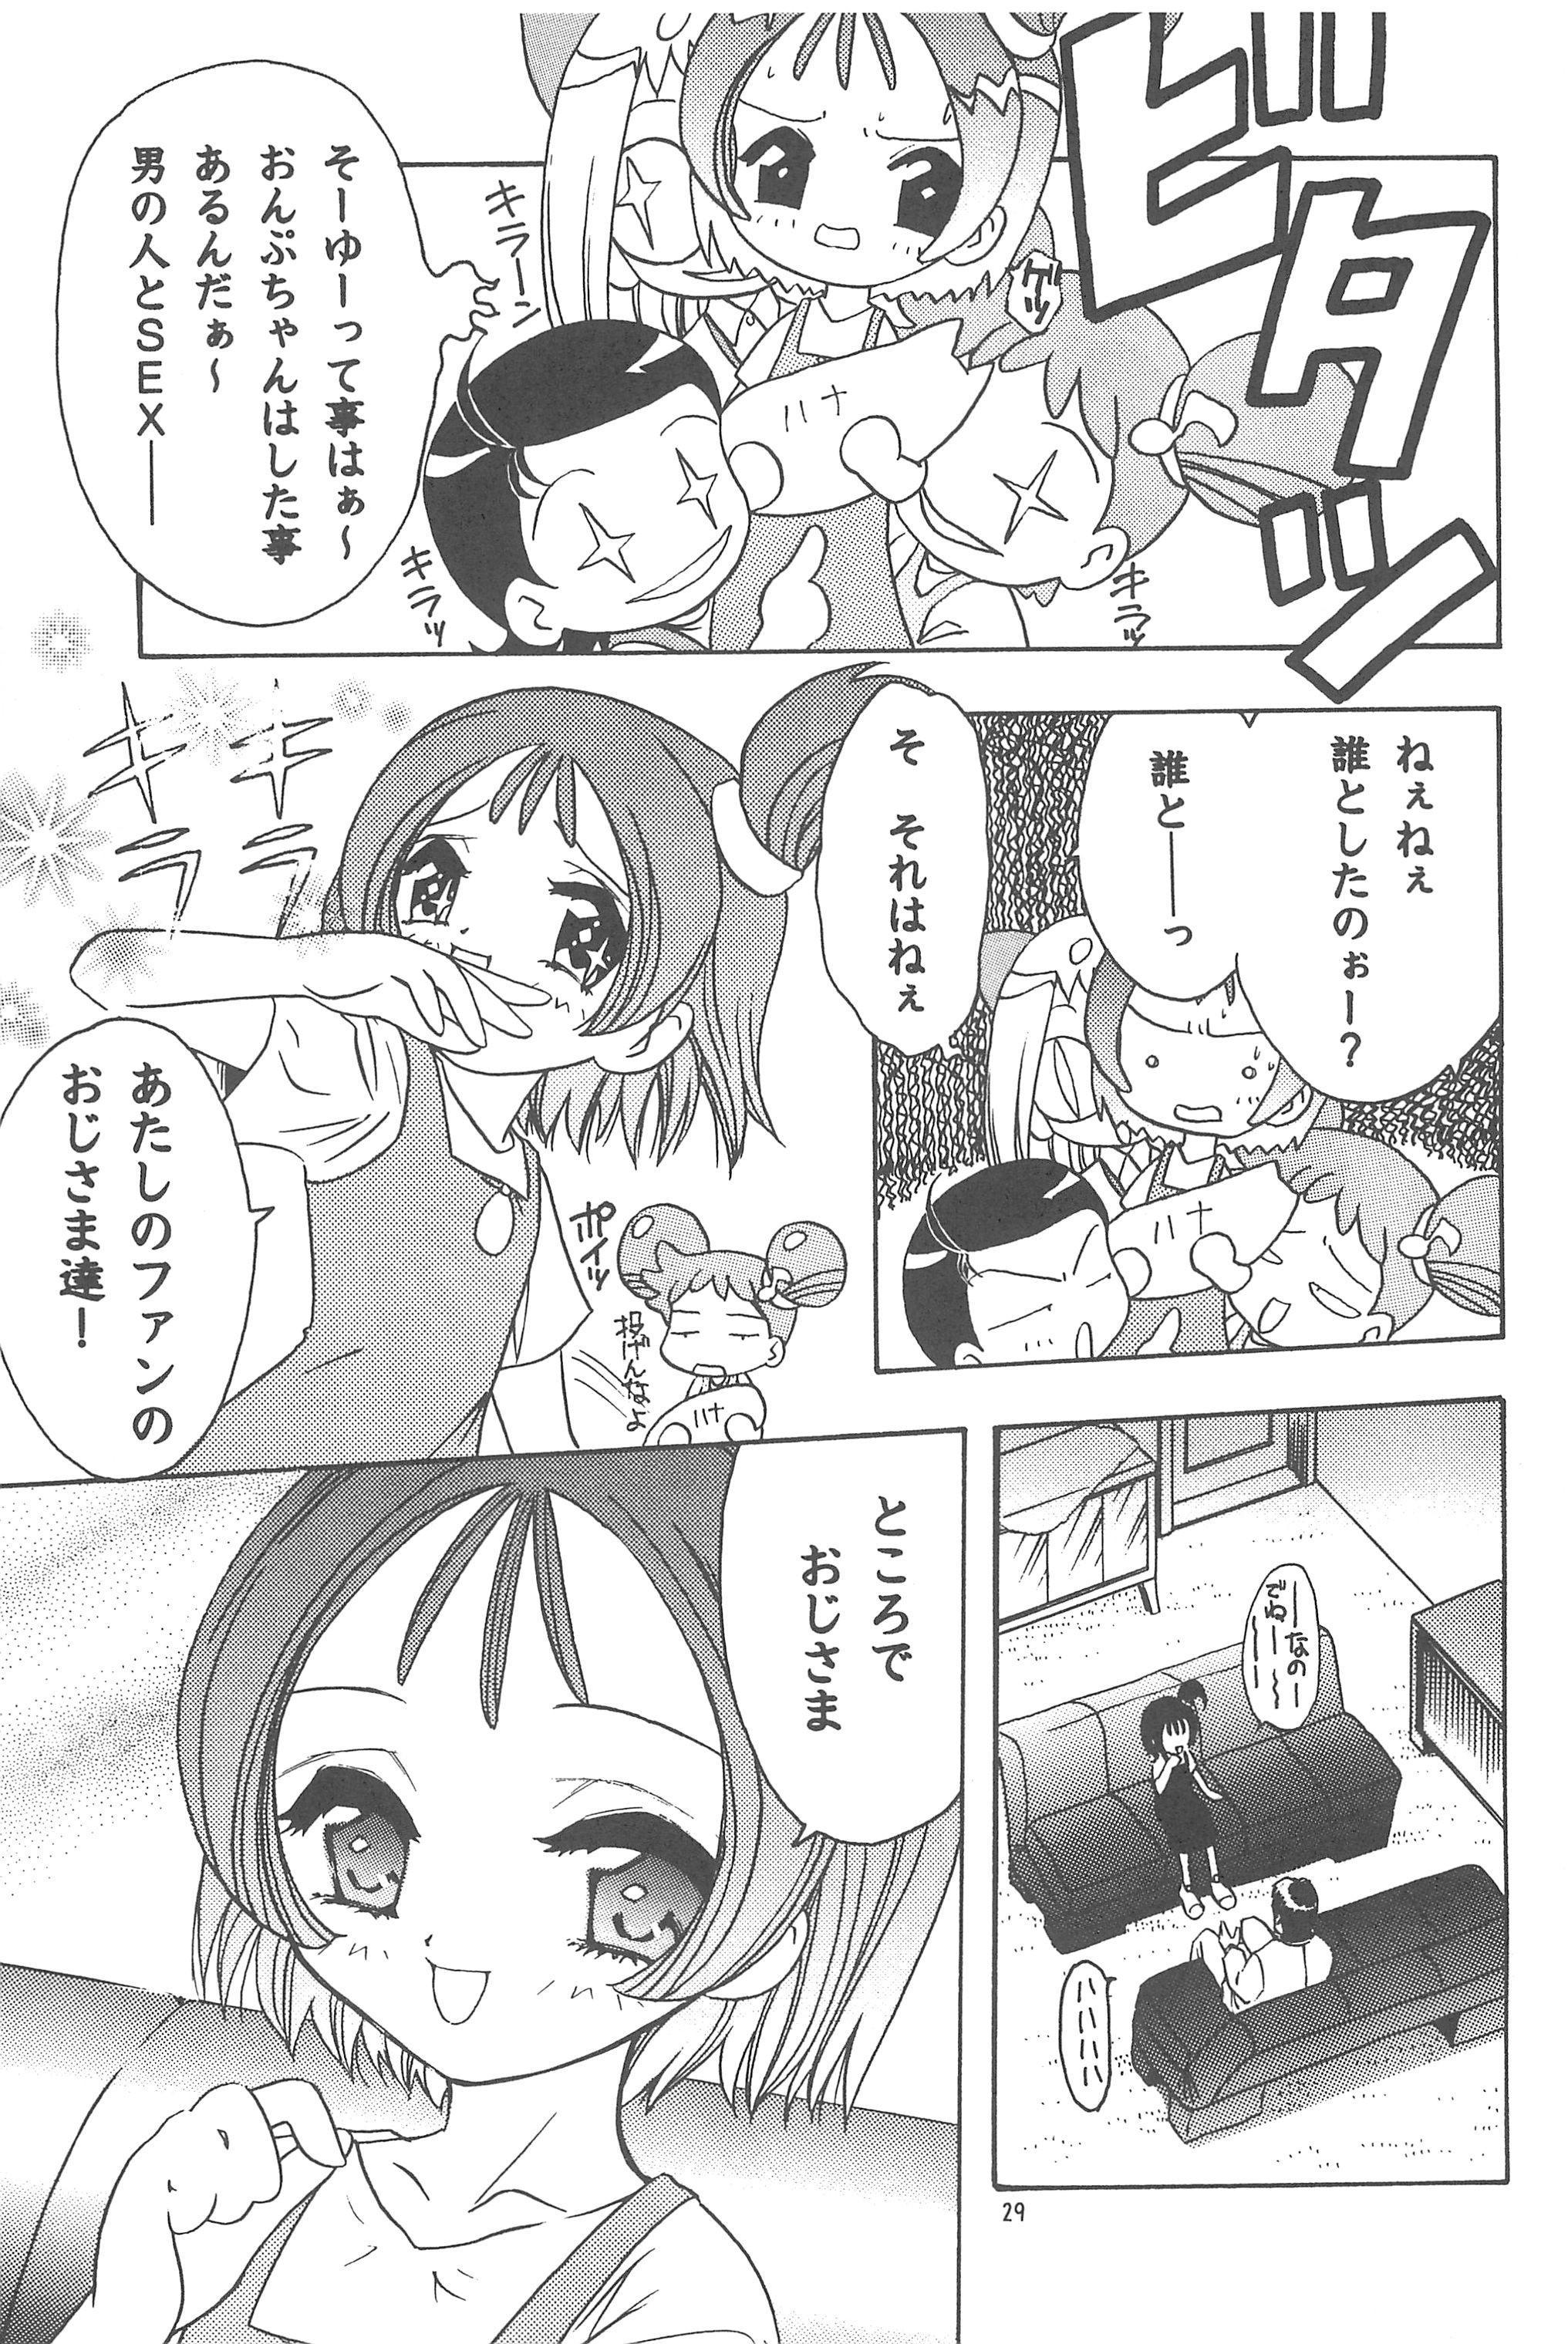 Mukatsuki Teikoku Soushuuhen 28